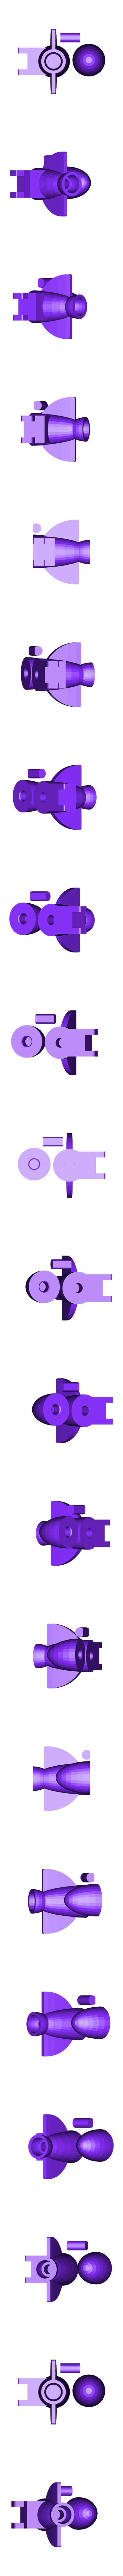 rocket.stl Télécharger fichier STL gratuit Famille de robots Simple Pas de soutien • Plan imprimable en 3D, Toymakr3D